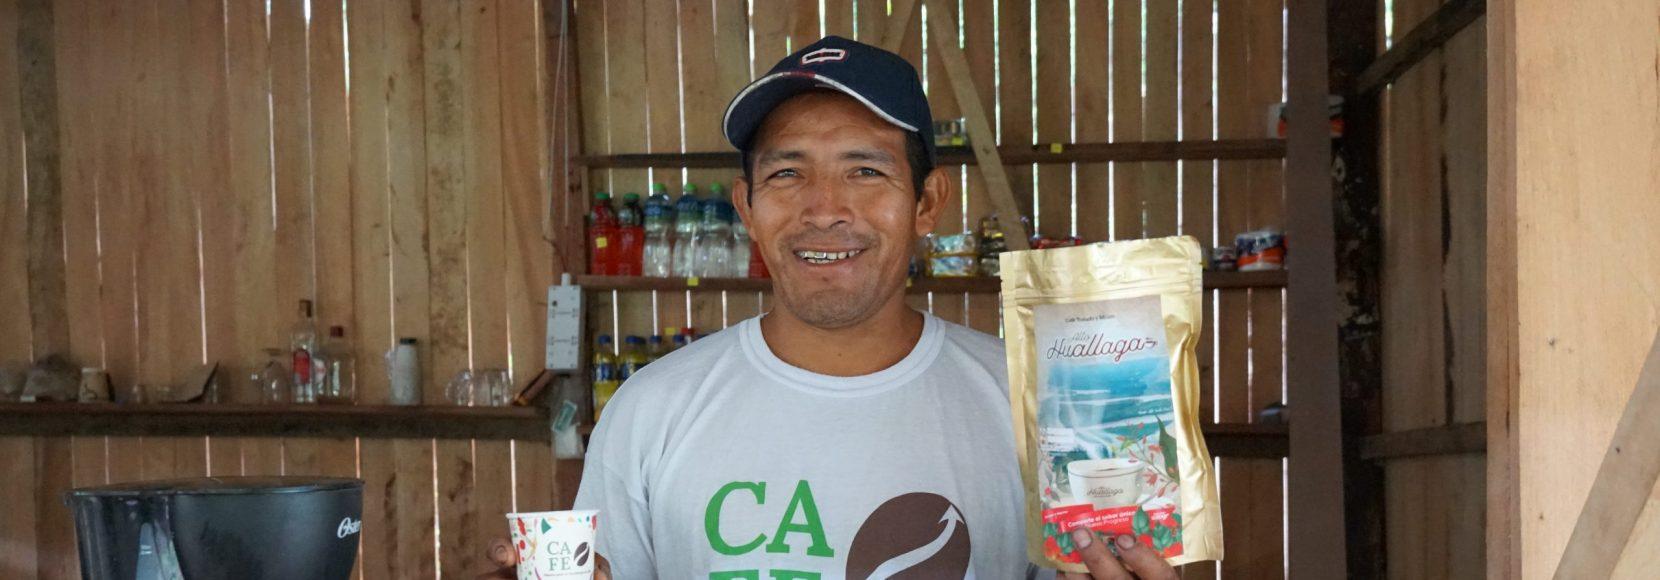 Cruz Juanan stands in his coffee shop in Peru